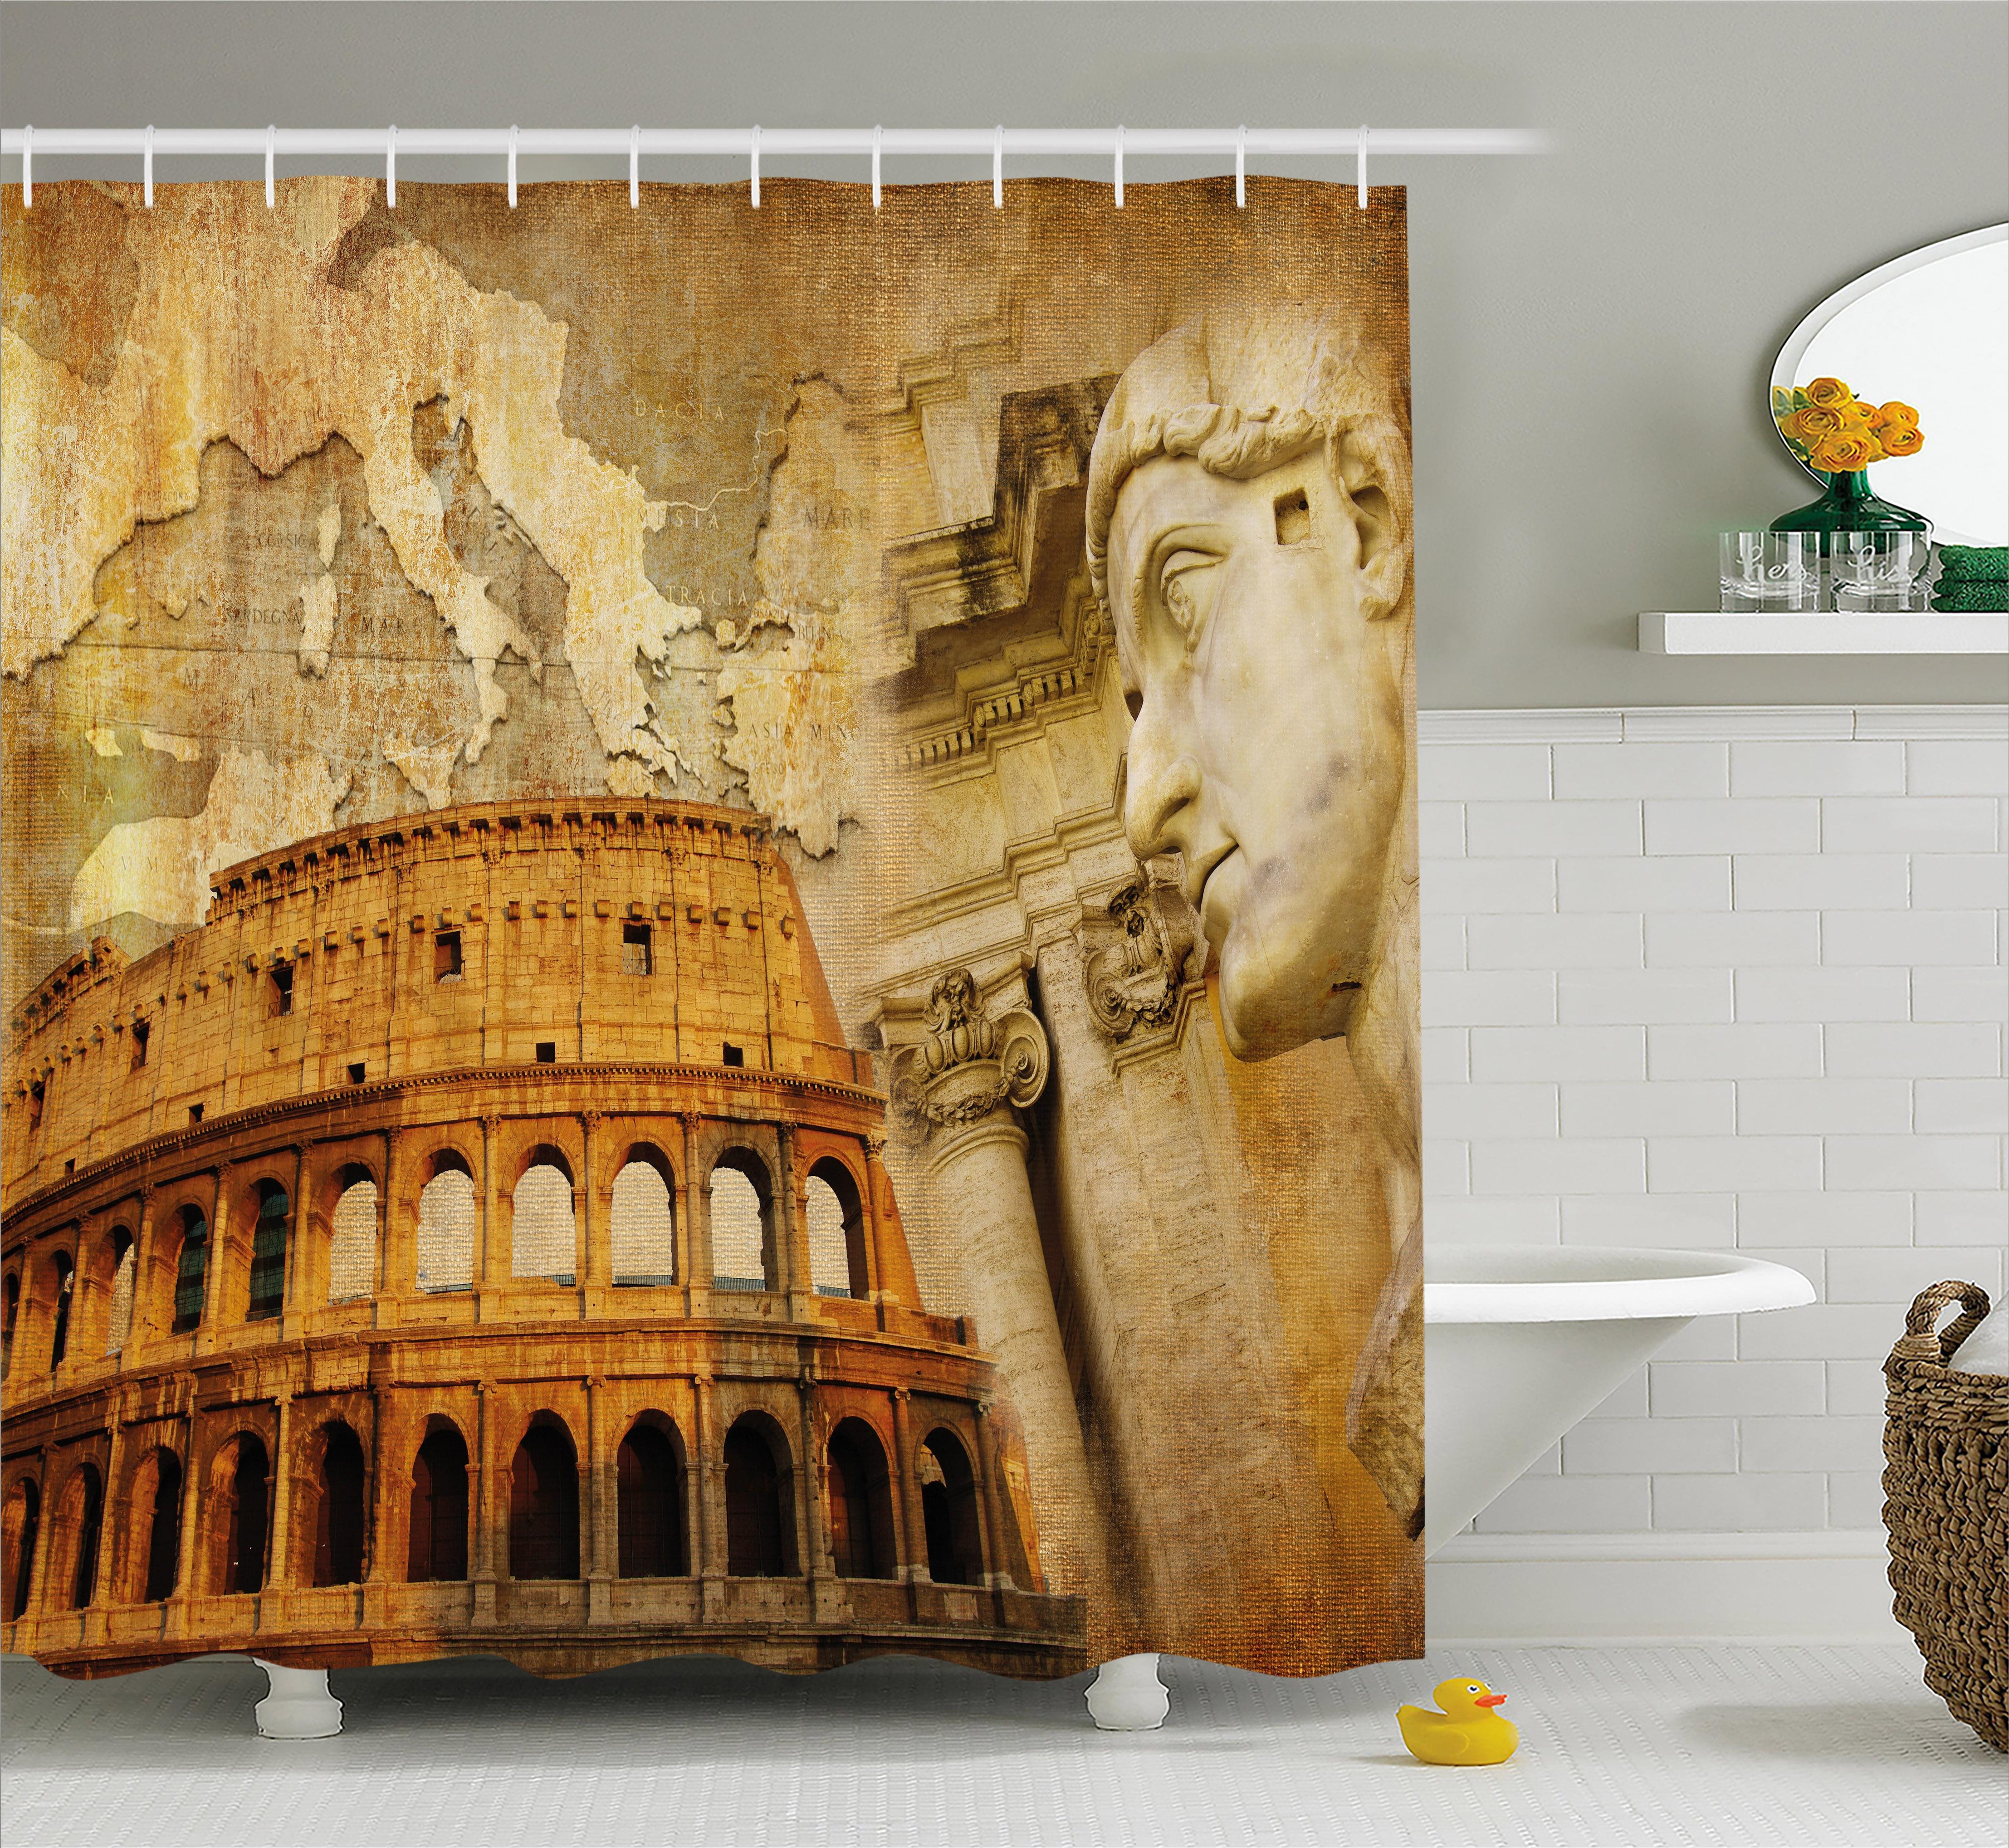 Retro Shower Curtain Roman Empire Concept Famous Columns Sculptress